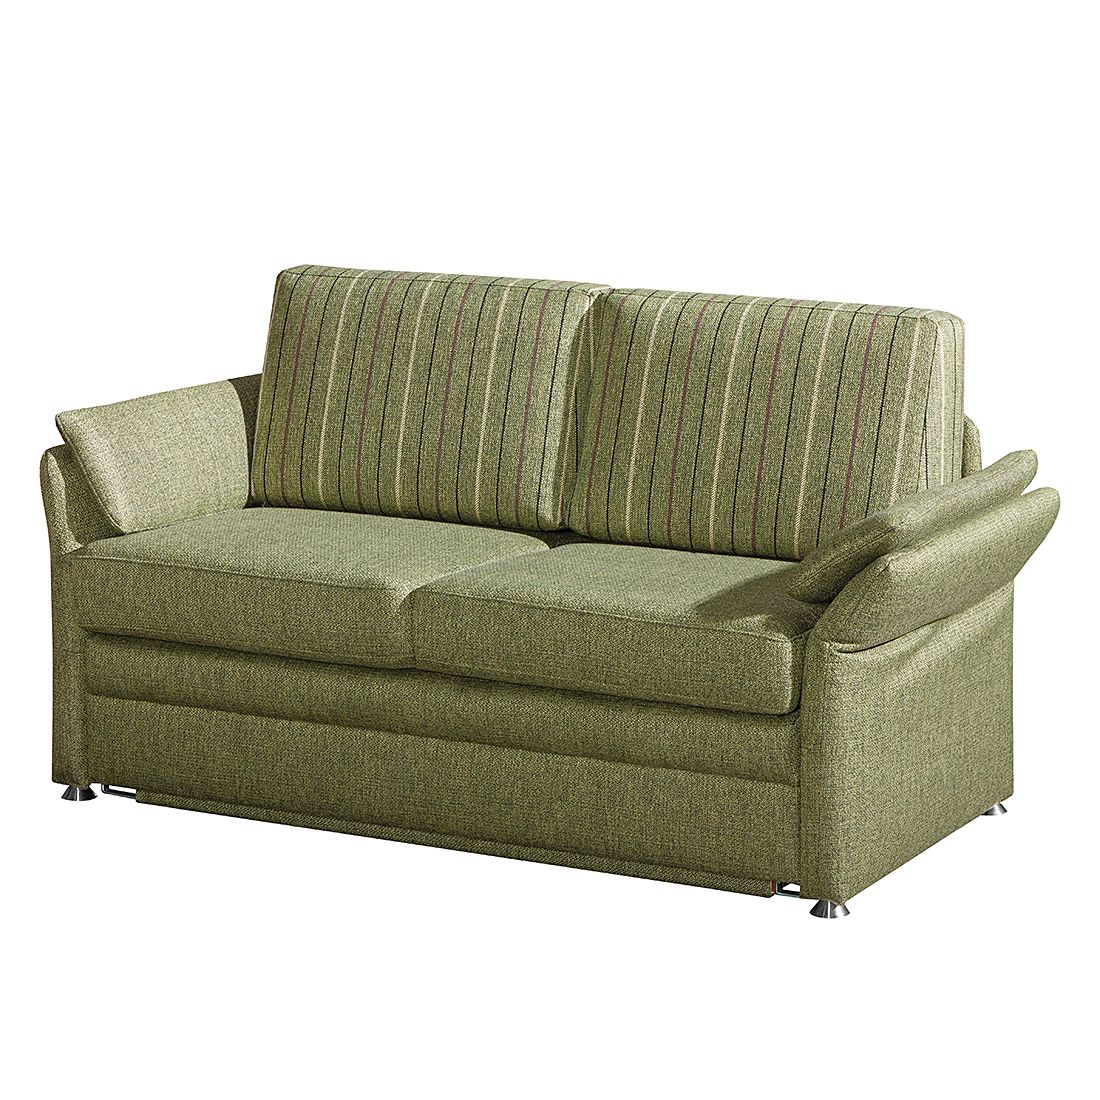 schlafsofas 150 cm breit preisvergleiche. Black Bedroom Furniture Sets. Home Design Ideas